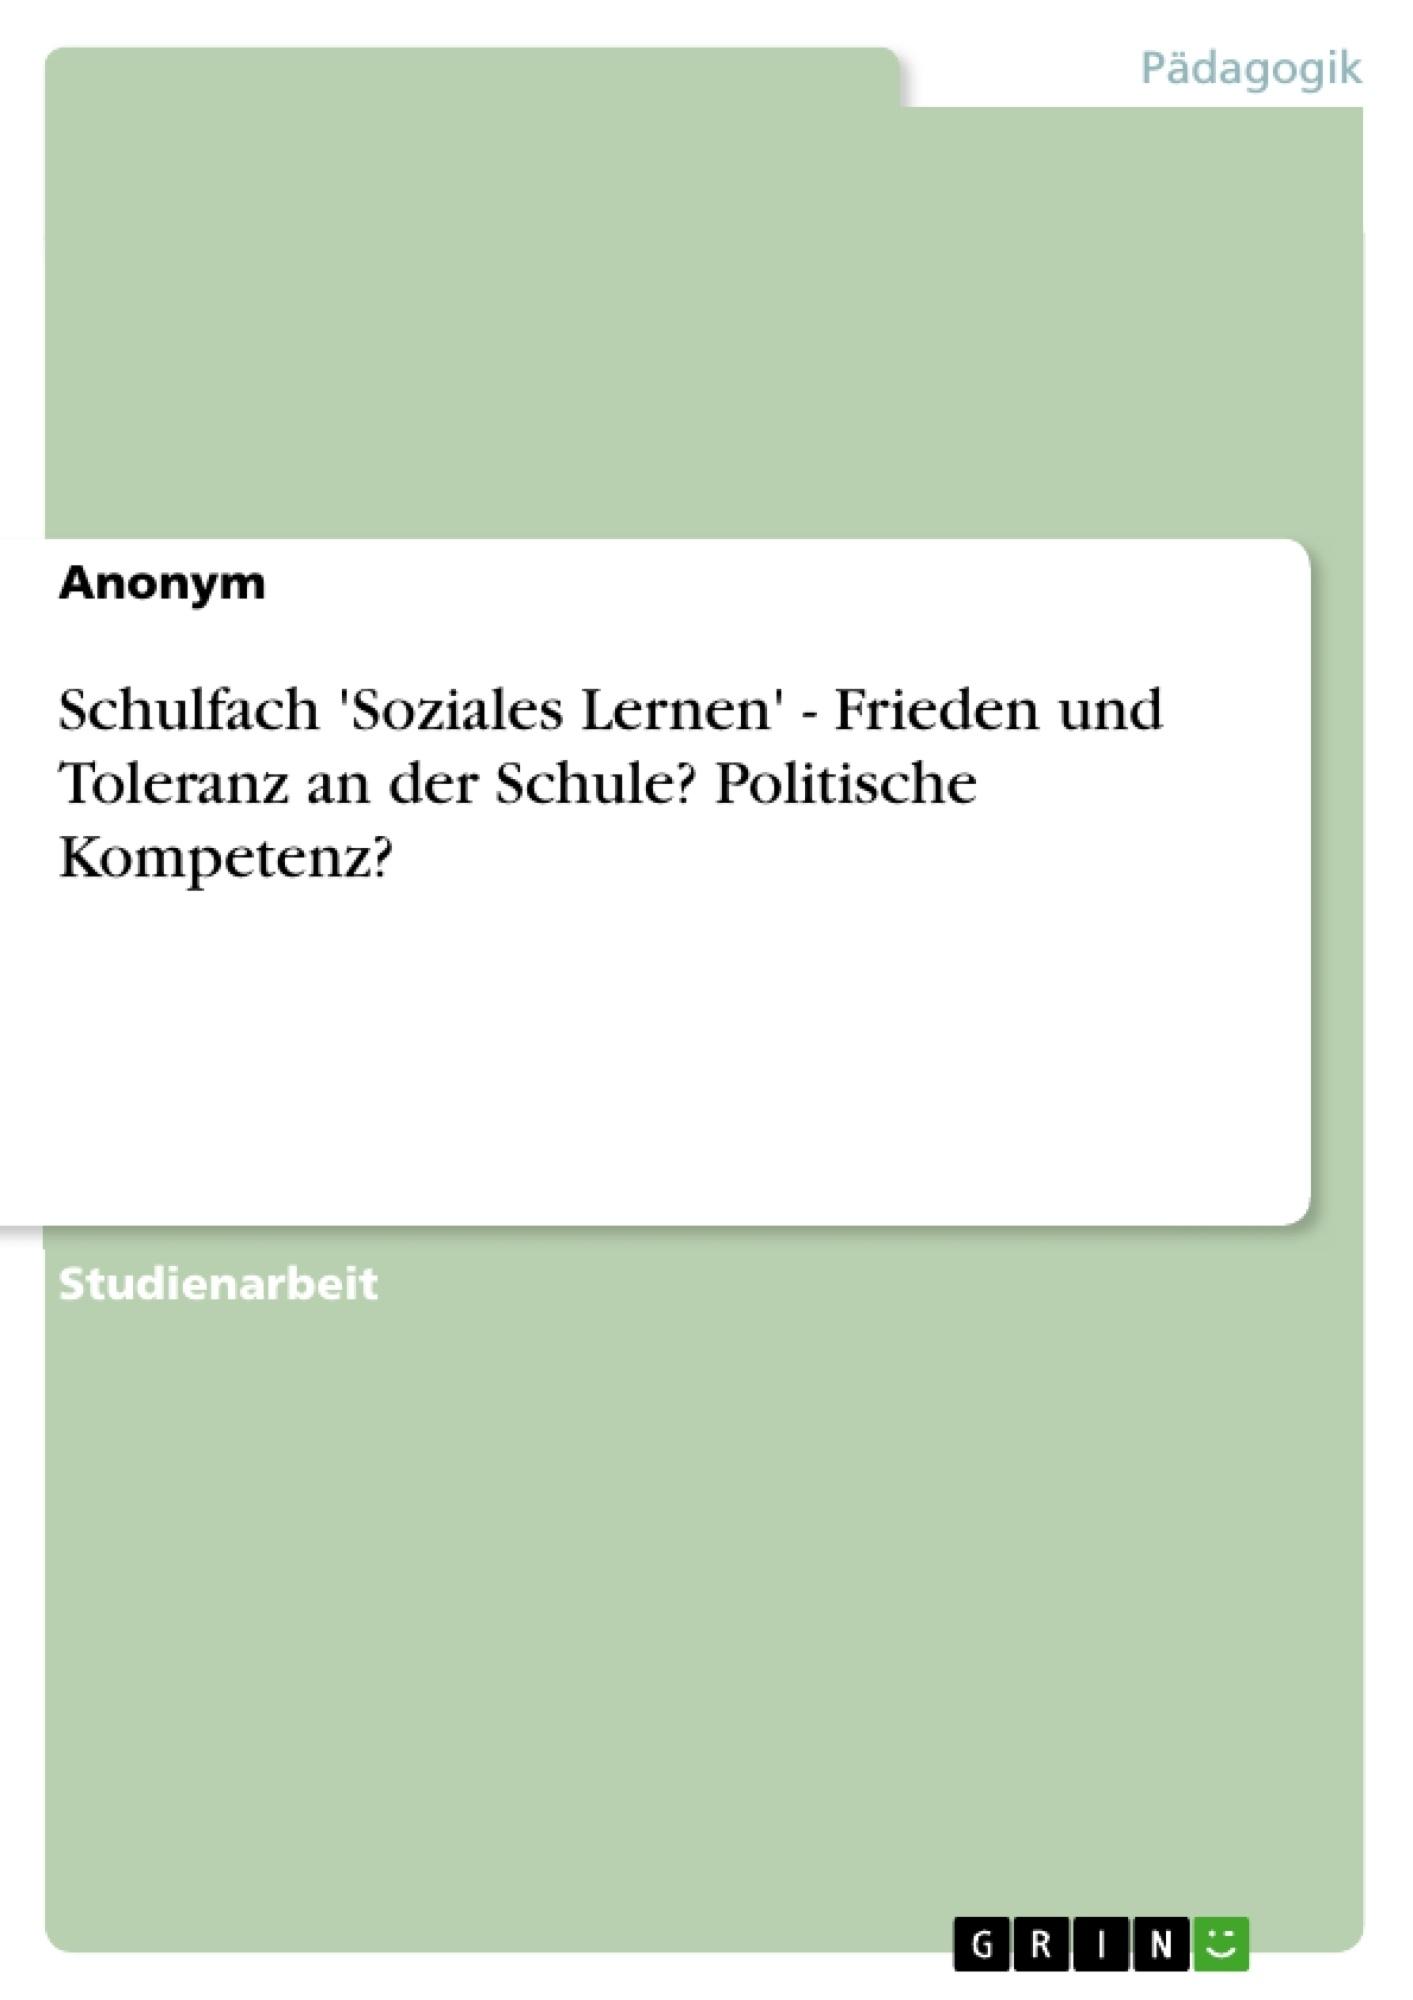 Titel: Schulfach 'Soziales Lernen' - Frieden und Toleranz an der Schule? Politische Kompetenz?